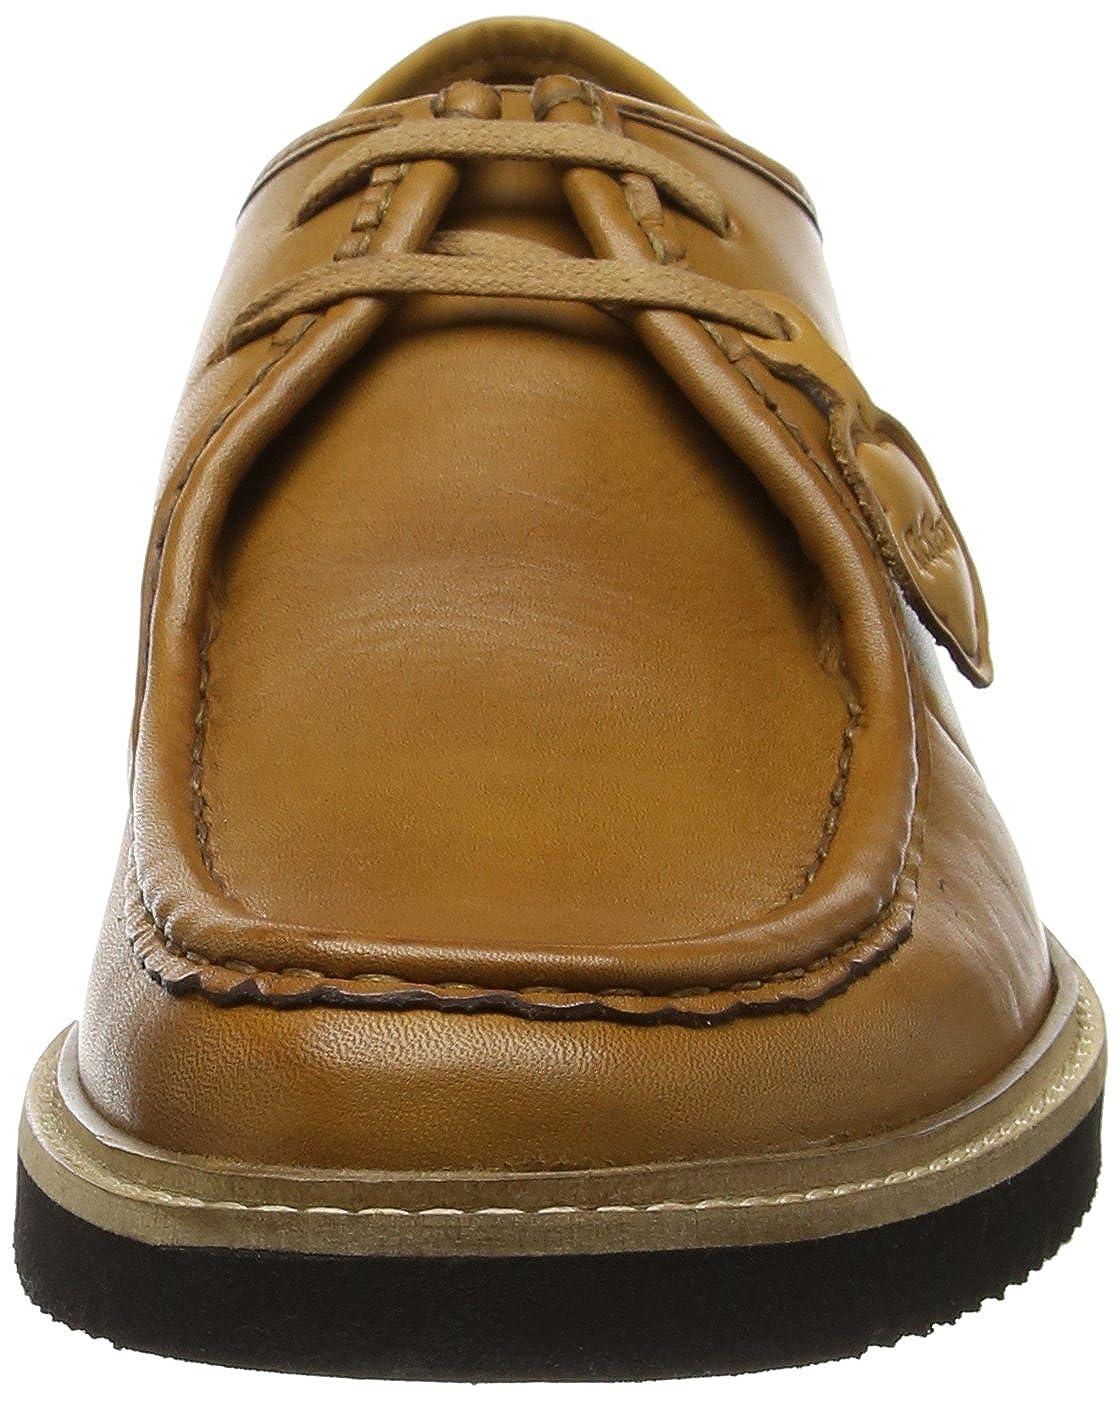 Kickers Kwamie Lo MOCC, Zapatos de Cordones Derby para Hombre: Amazon.es: Zapatos y complementos